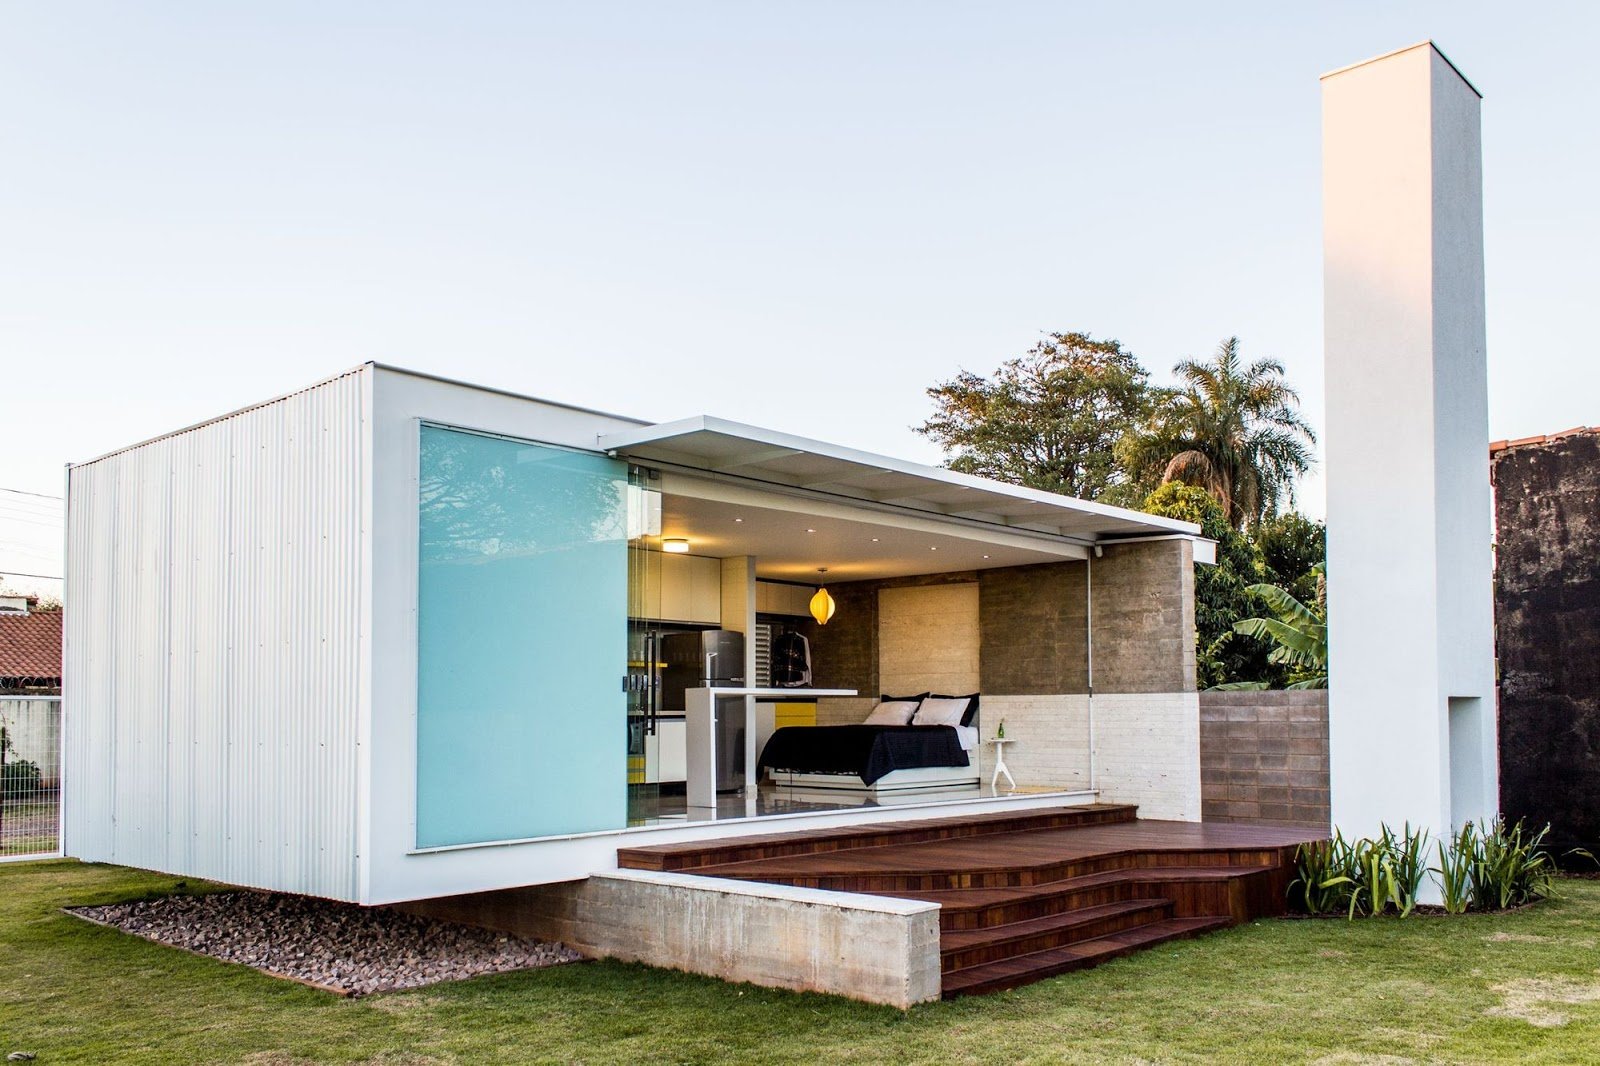 50 fotos de fachadas de casas modernas pequeas bonitas2018